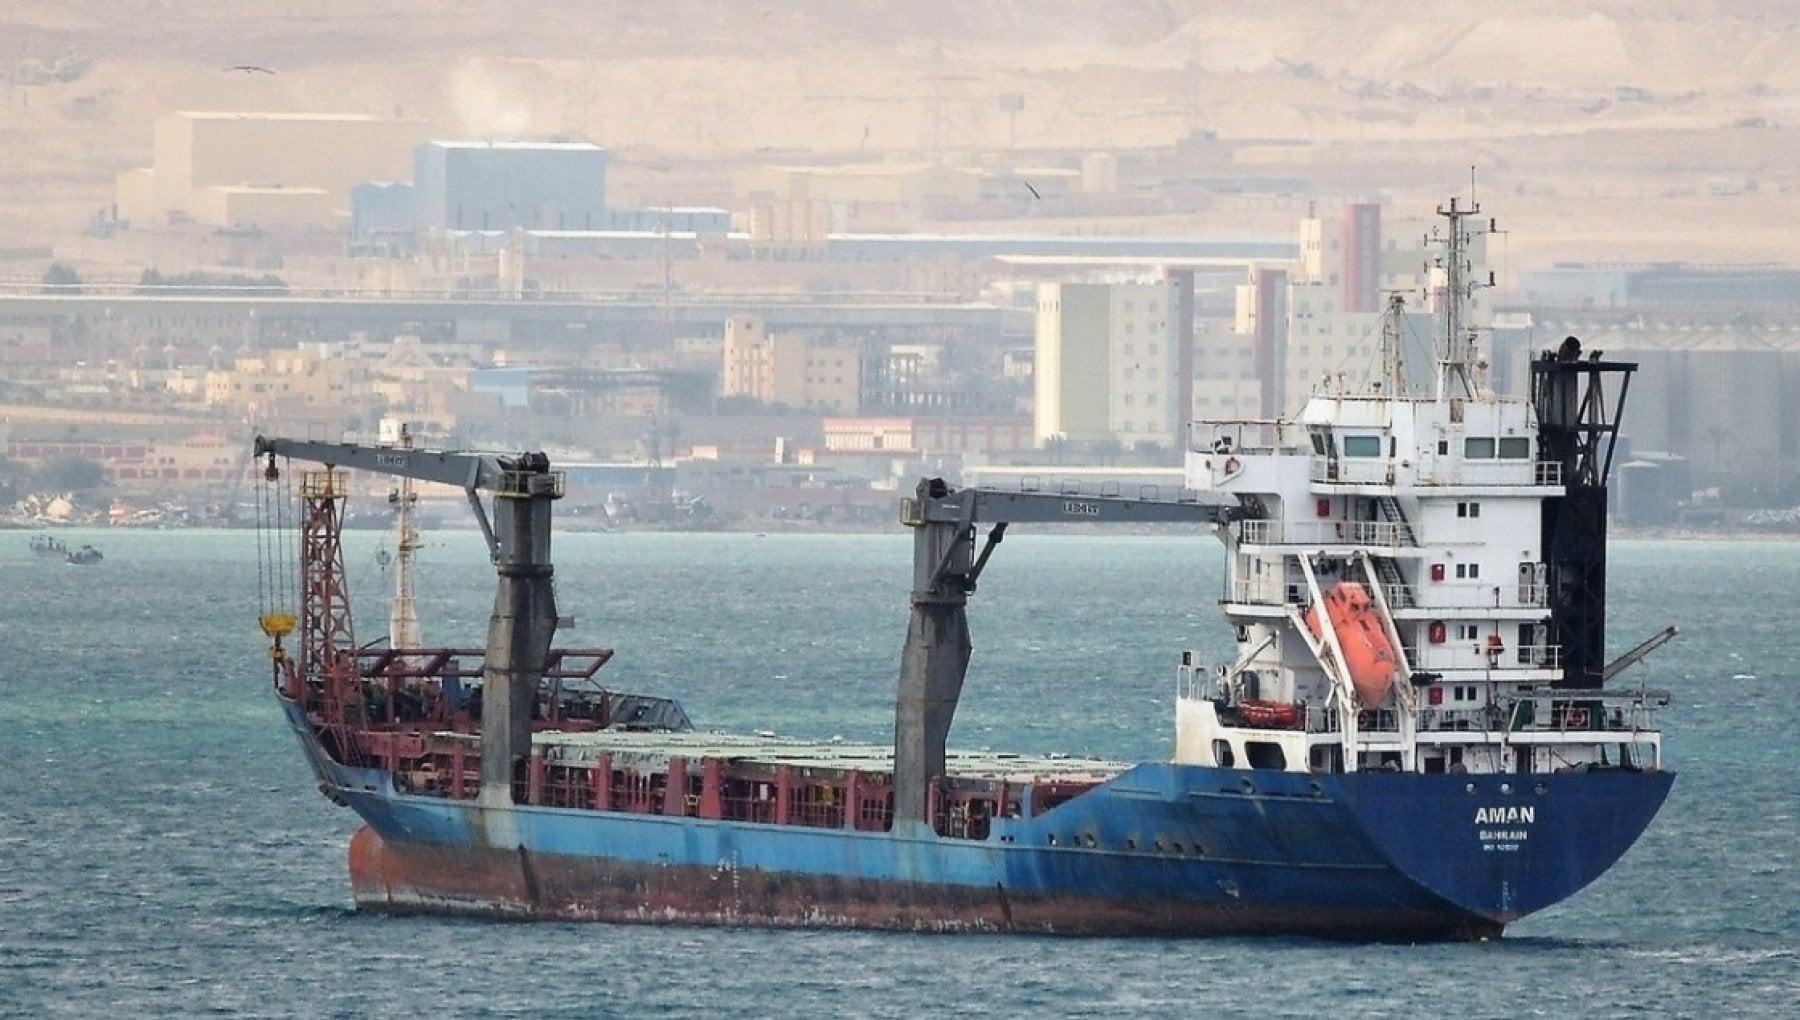 """181047614 71040428 5f7d 4445 9c9b 2b6cdb9aadef - Egitto, liberato marinaio siriano """"prigioniero"""" per 4 anni a bordo di una nave"""